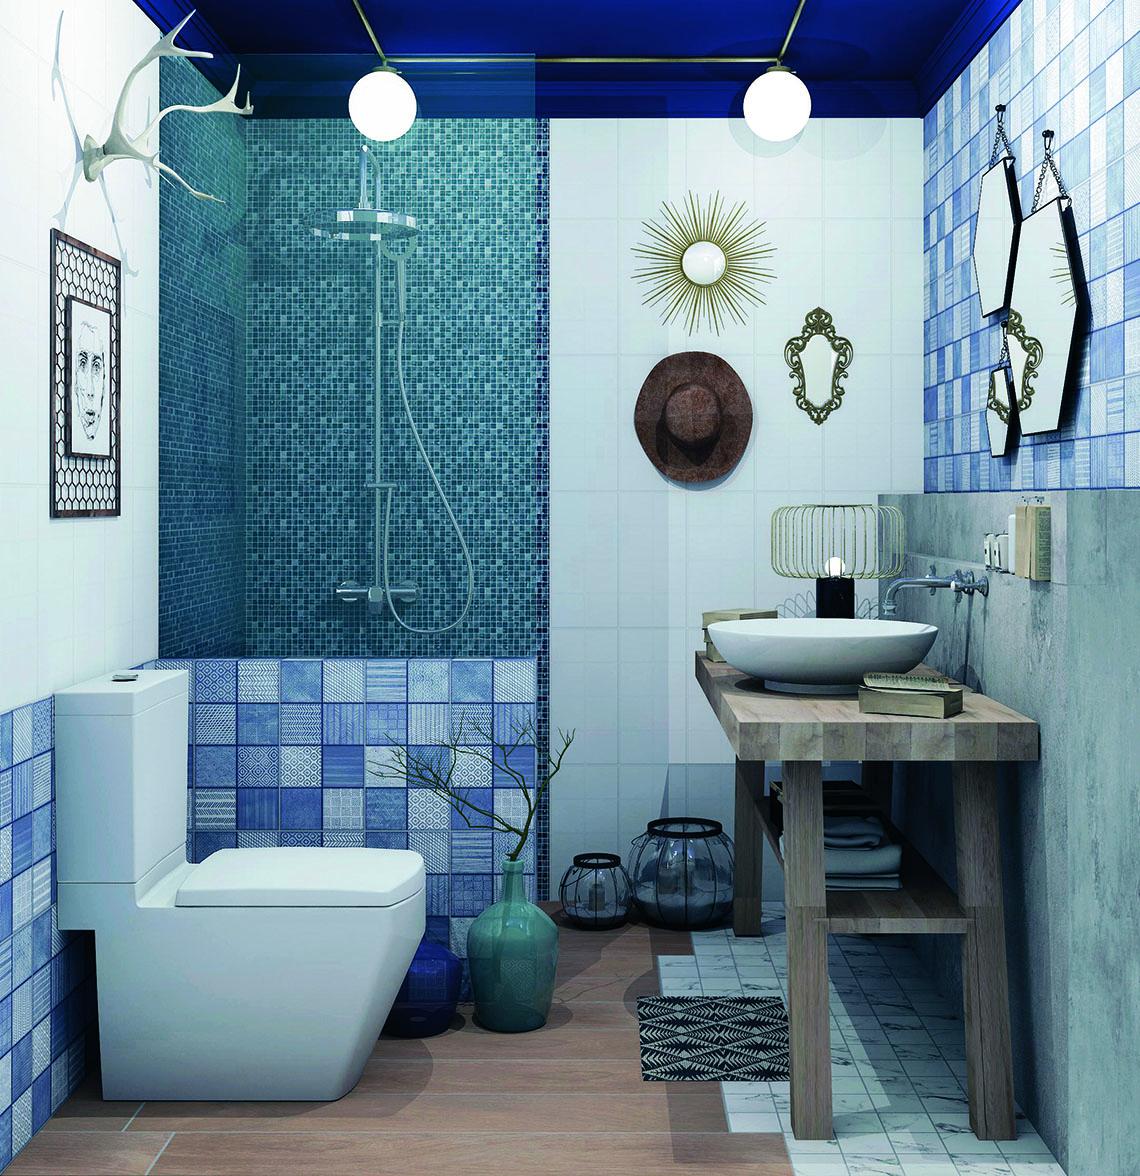 รูปแบบห้องน้ำ indigo สวยสะดุดตามไม่ซ้ำใคร